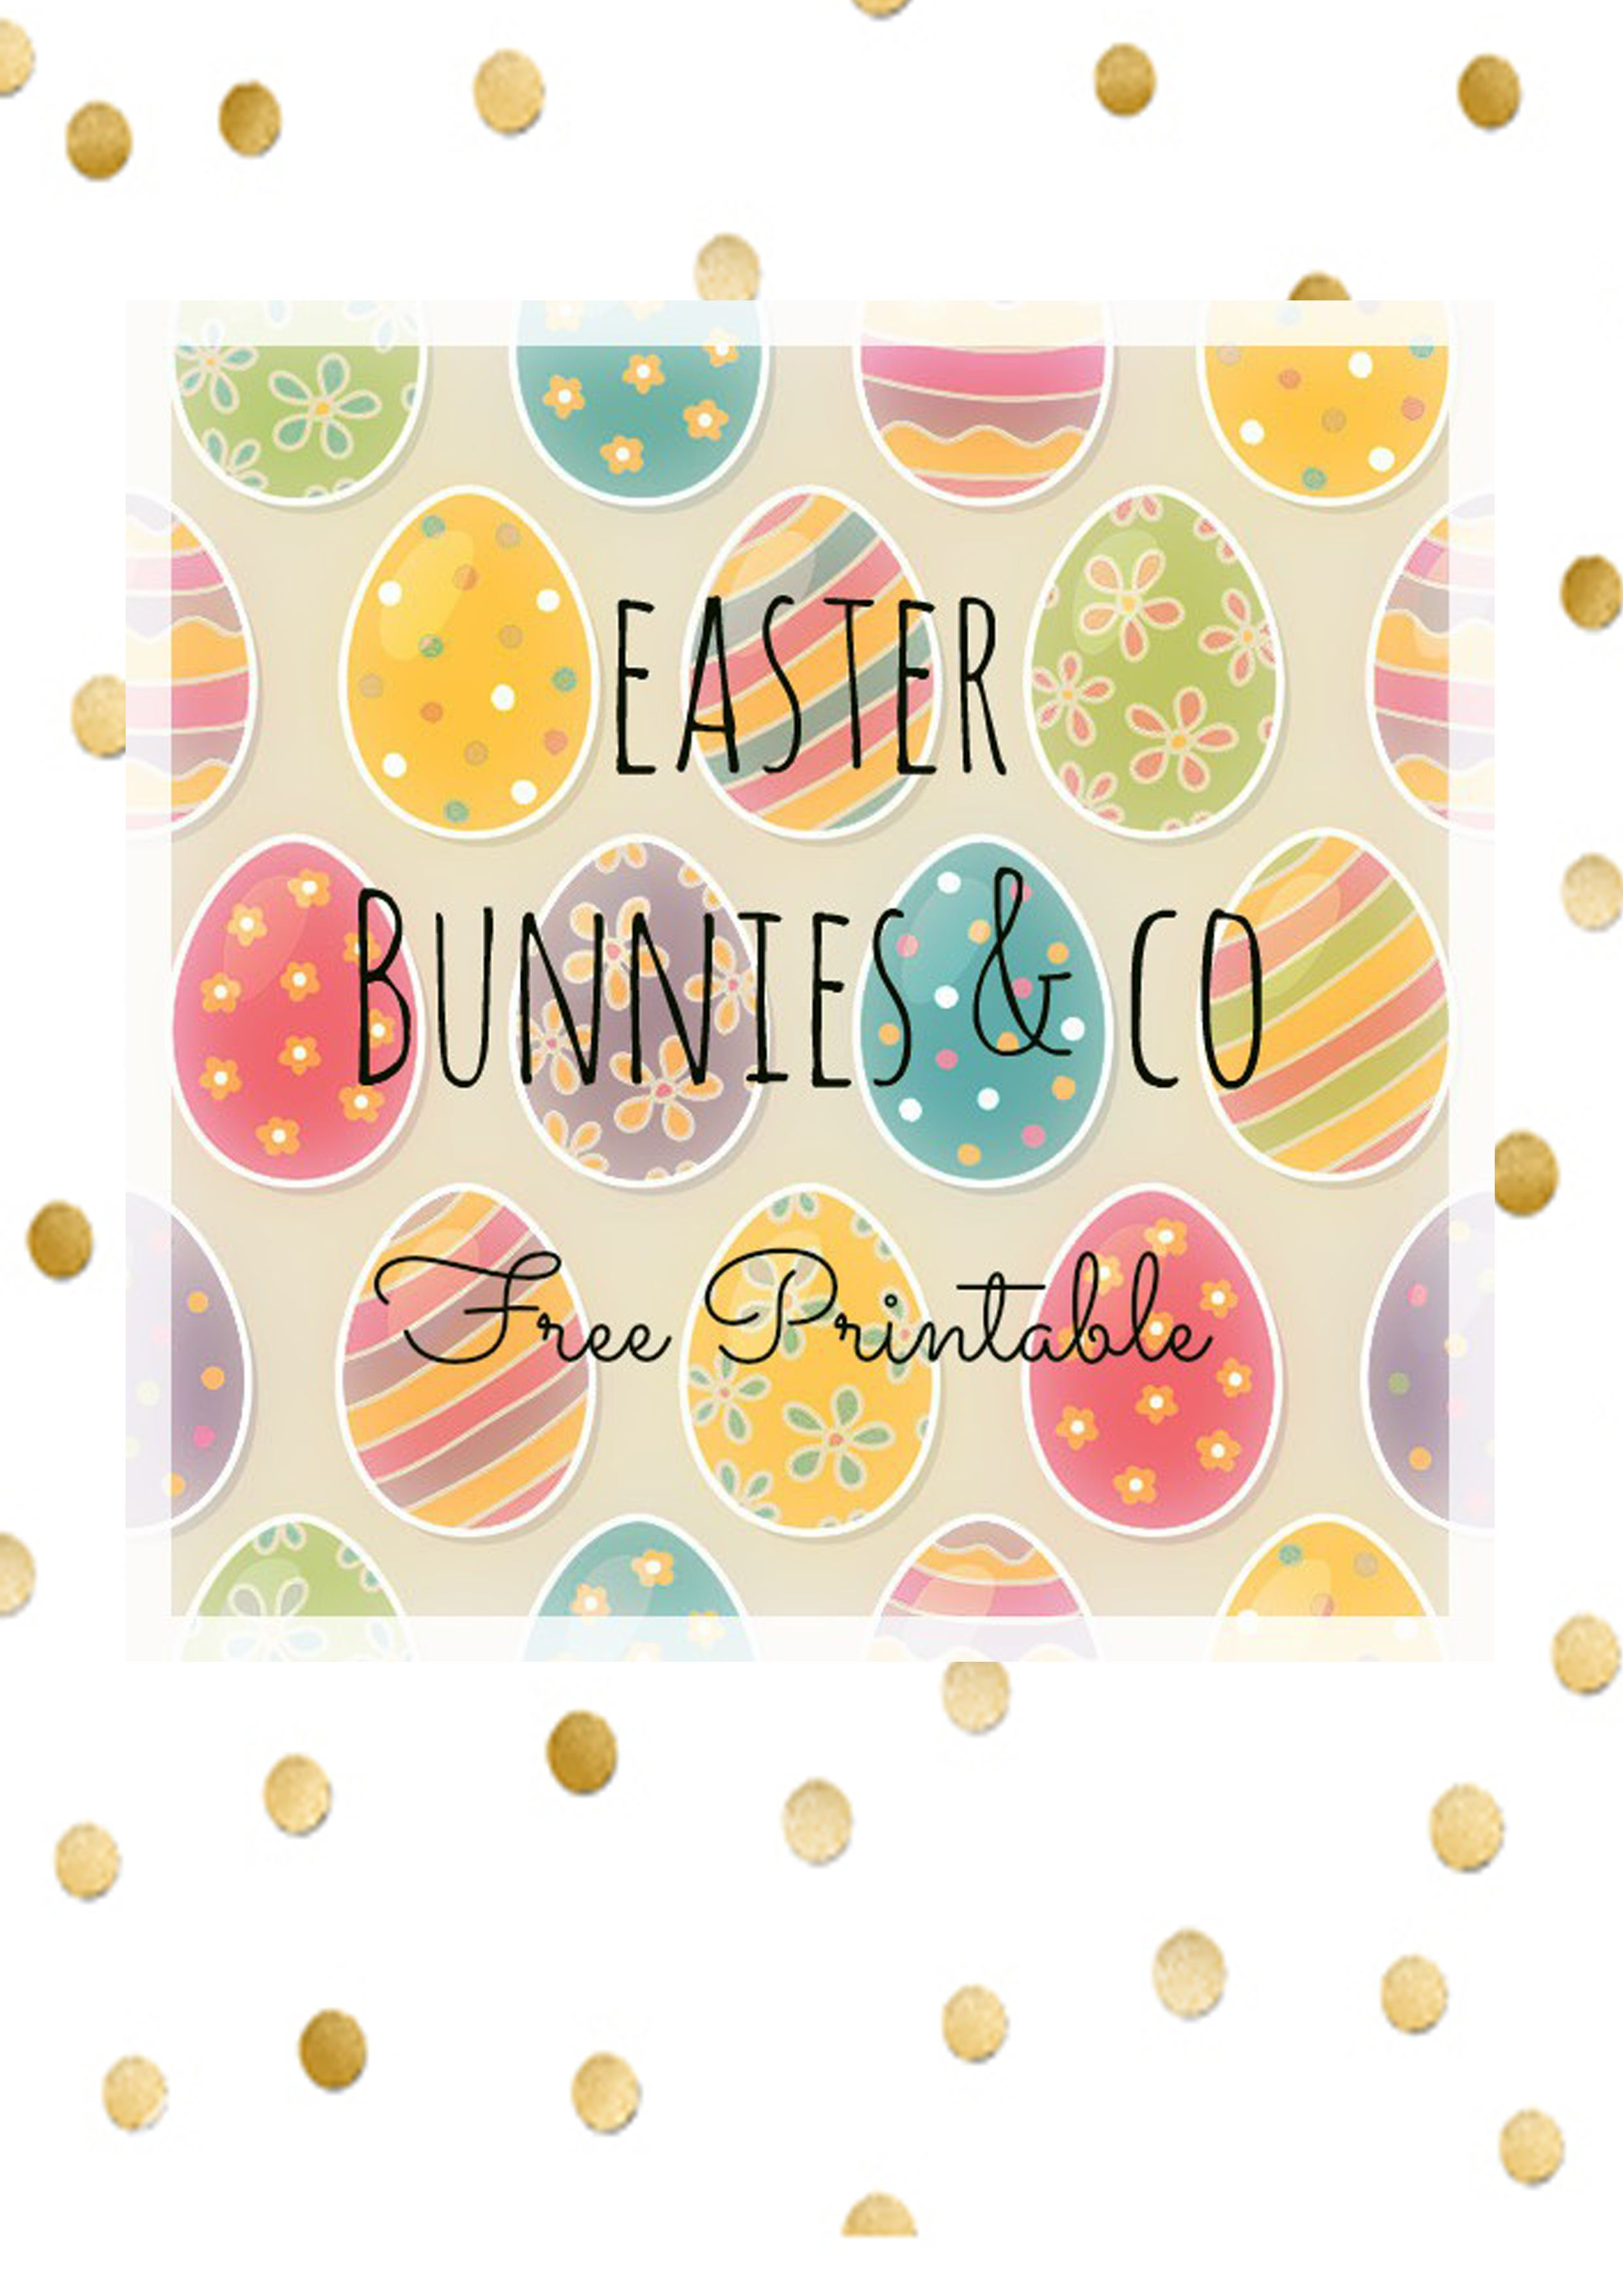 Piante Da Regalare A Pasqua arriva la pasqua! tags & bunnies per le vostre decorazioni